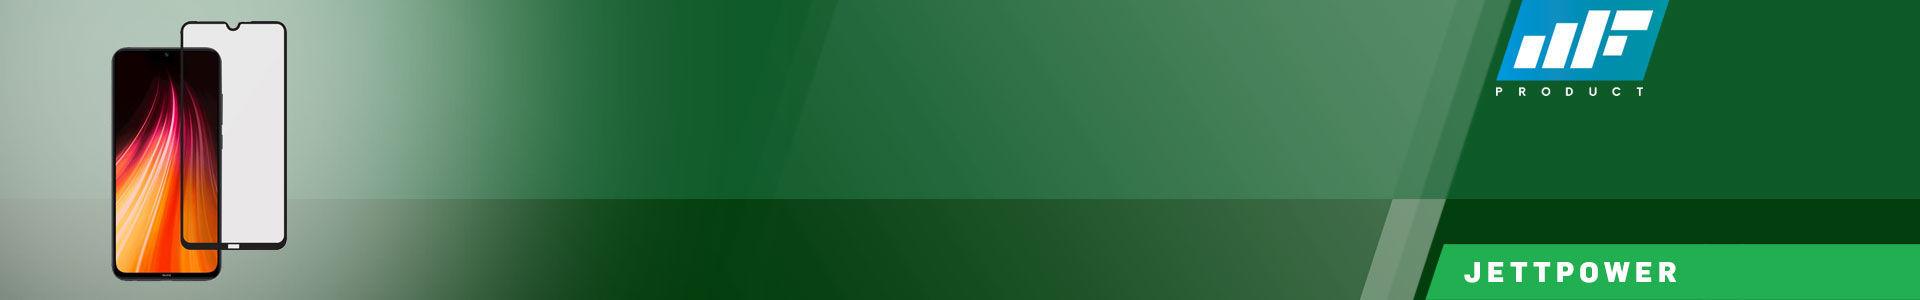 MF Product Jettpower 0439 Renkli Ekran Koruyucu Cam Xiaomi Redmi Note 8 için en doğru adrestesin!